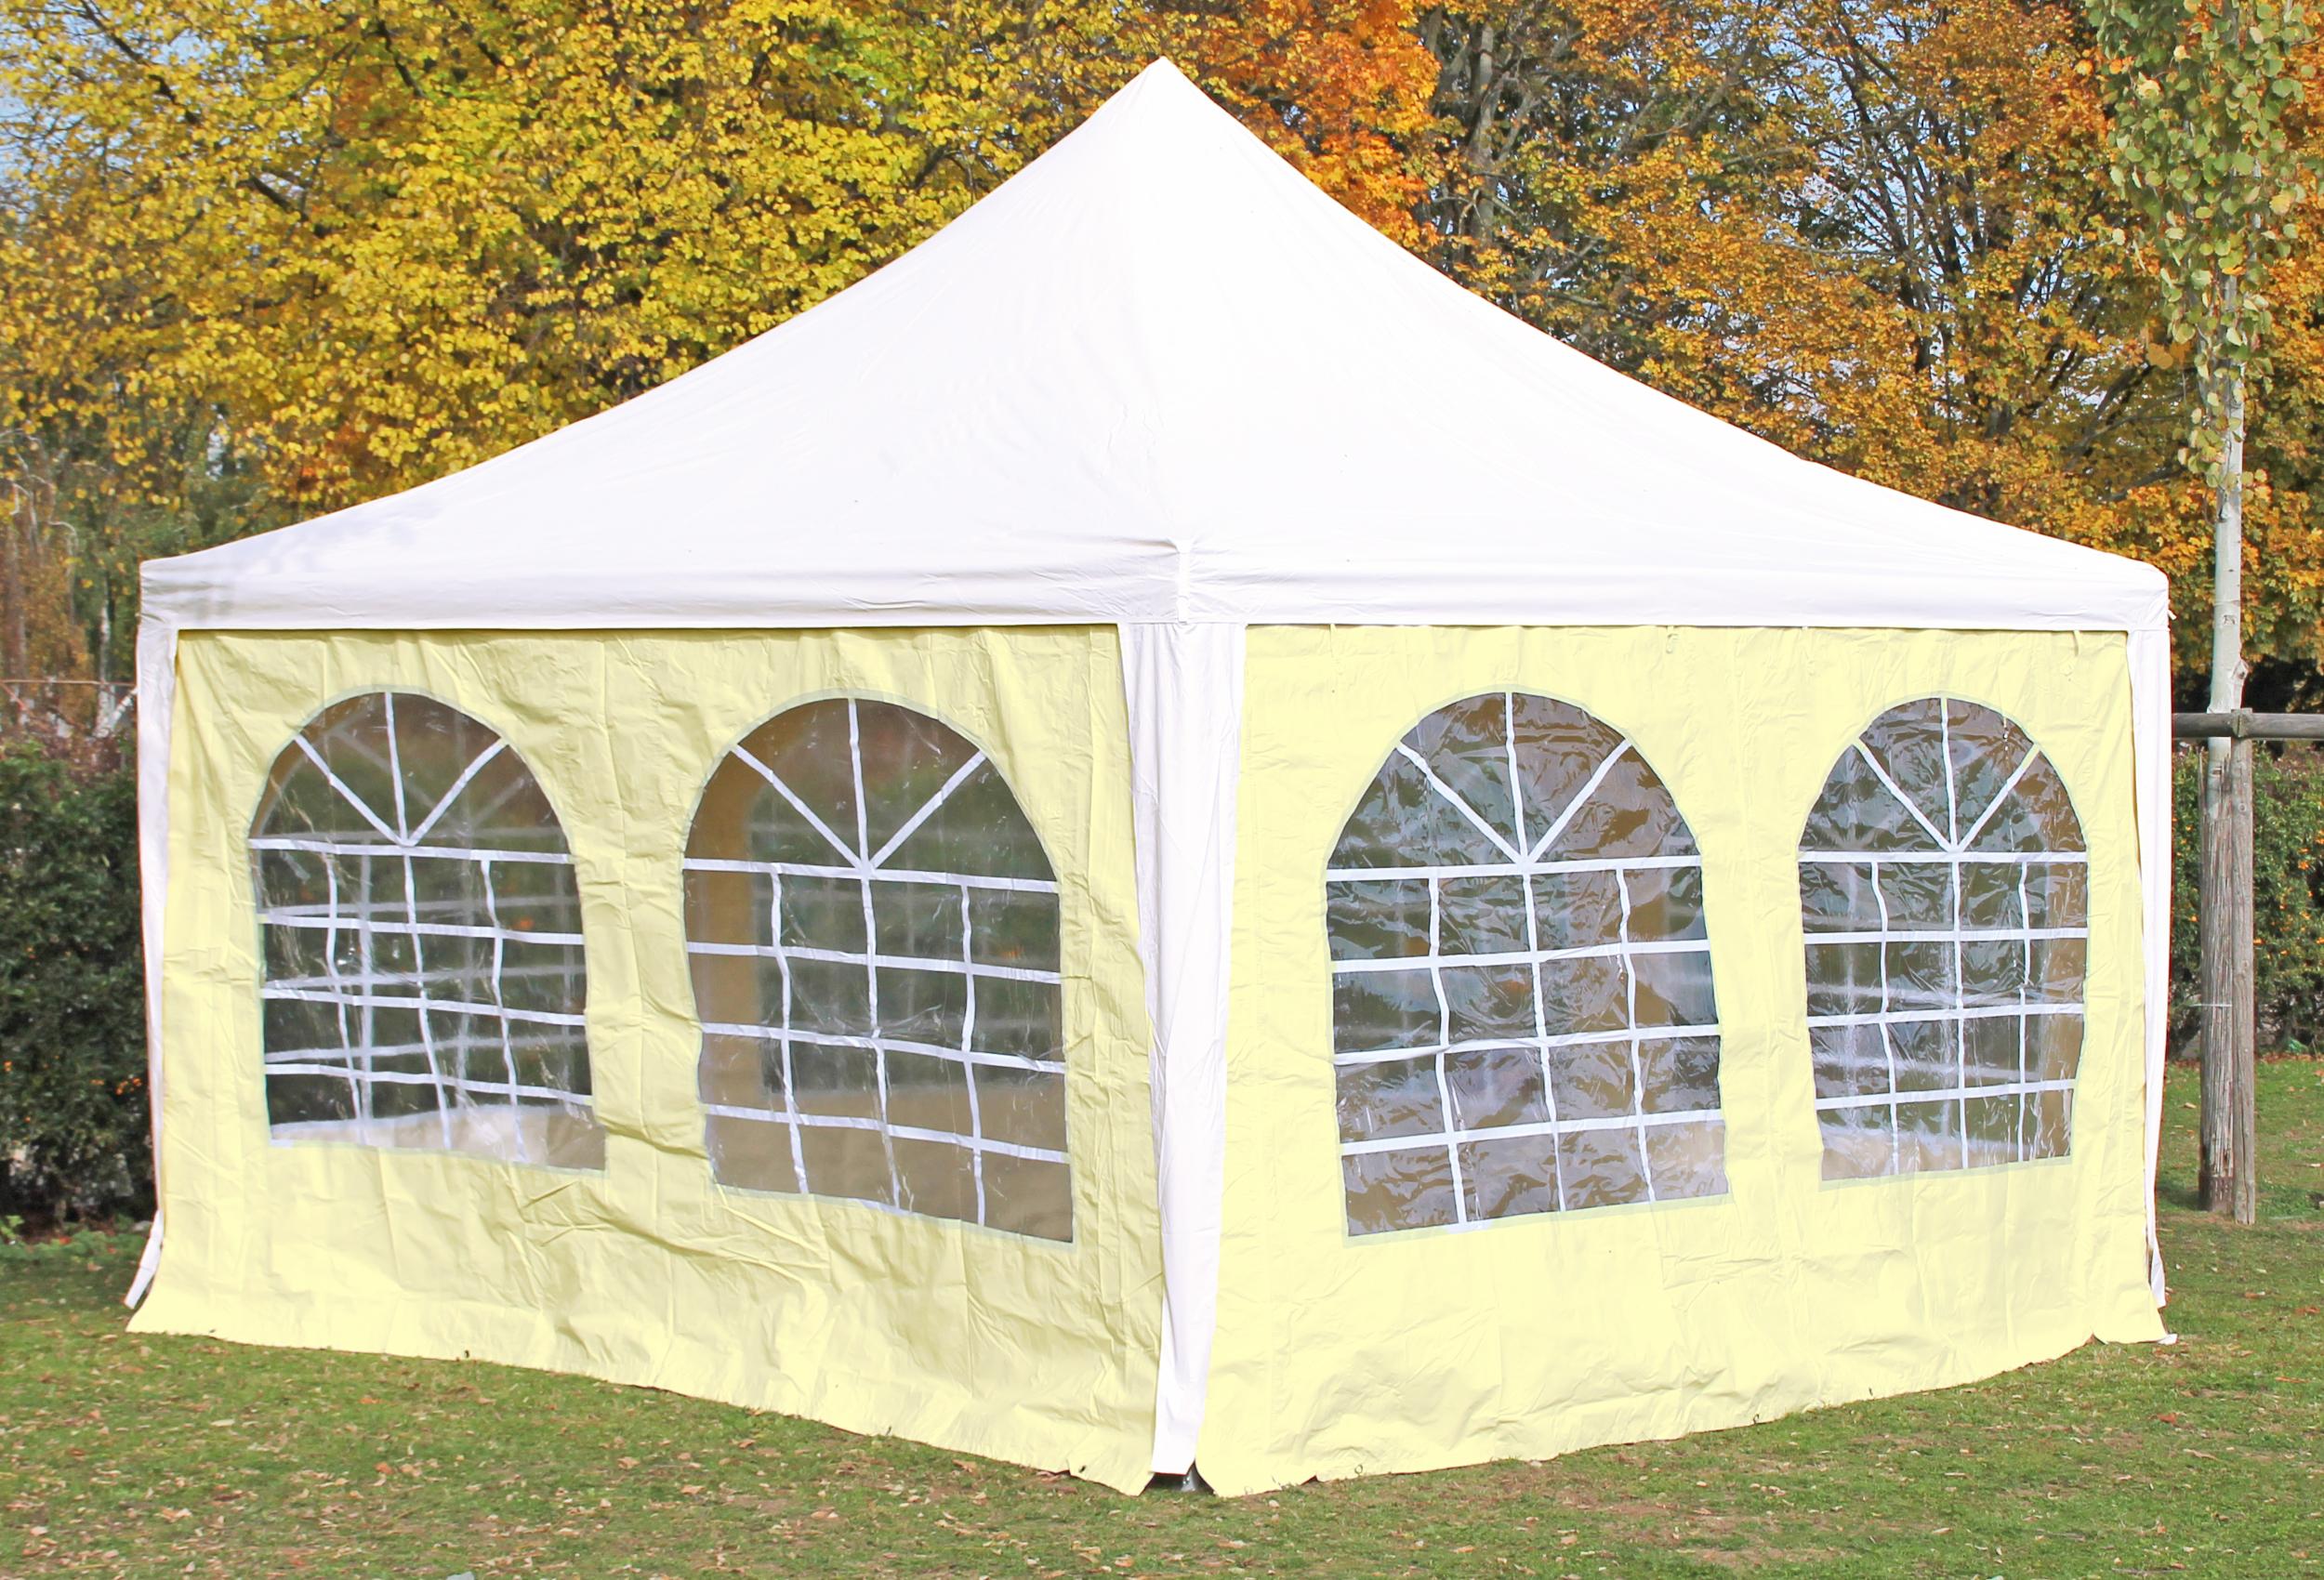 pavillon 4x4 meter arabica pvc wei beige inkl seitenteile kostenfreie lieferung 4x4. Black Bedroom Furniture Sets. Home Design Ideas